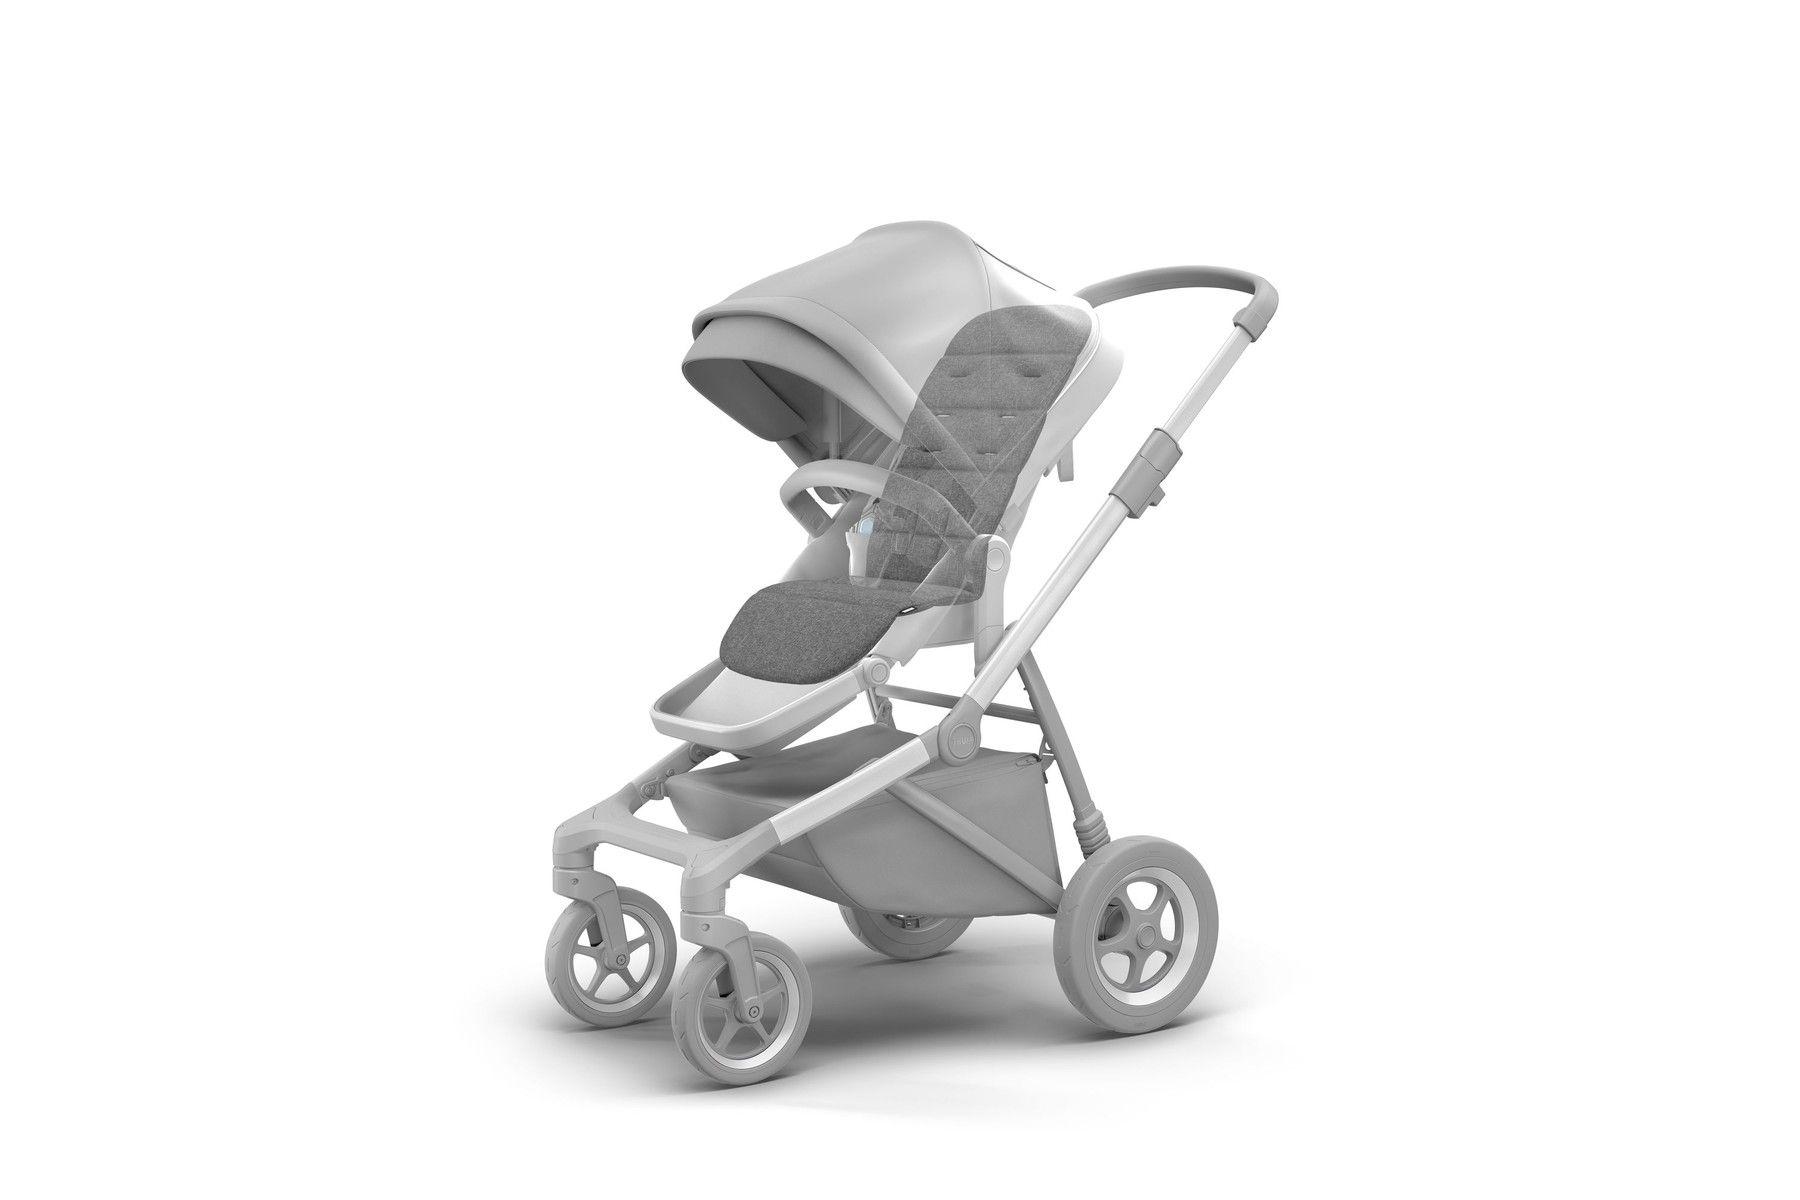 Thule Seat Liner podloga za dječja kolica siva za Thule Spring/Sleek/Urban Glide i Glide 2